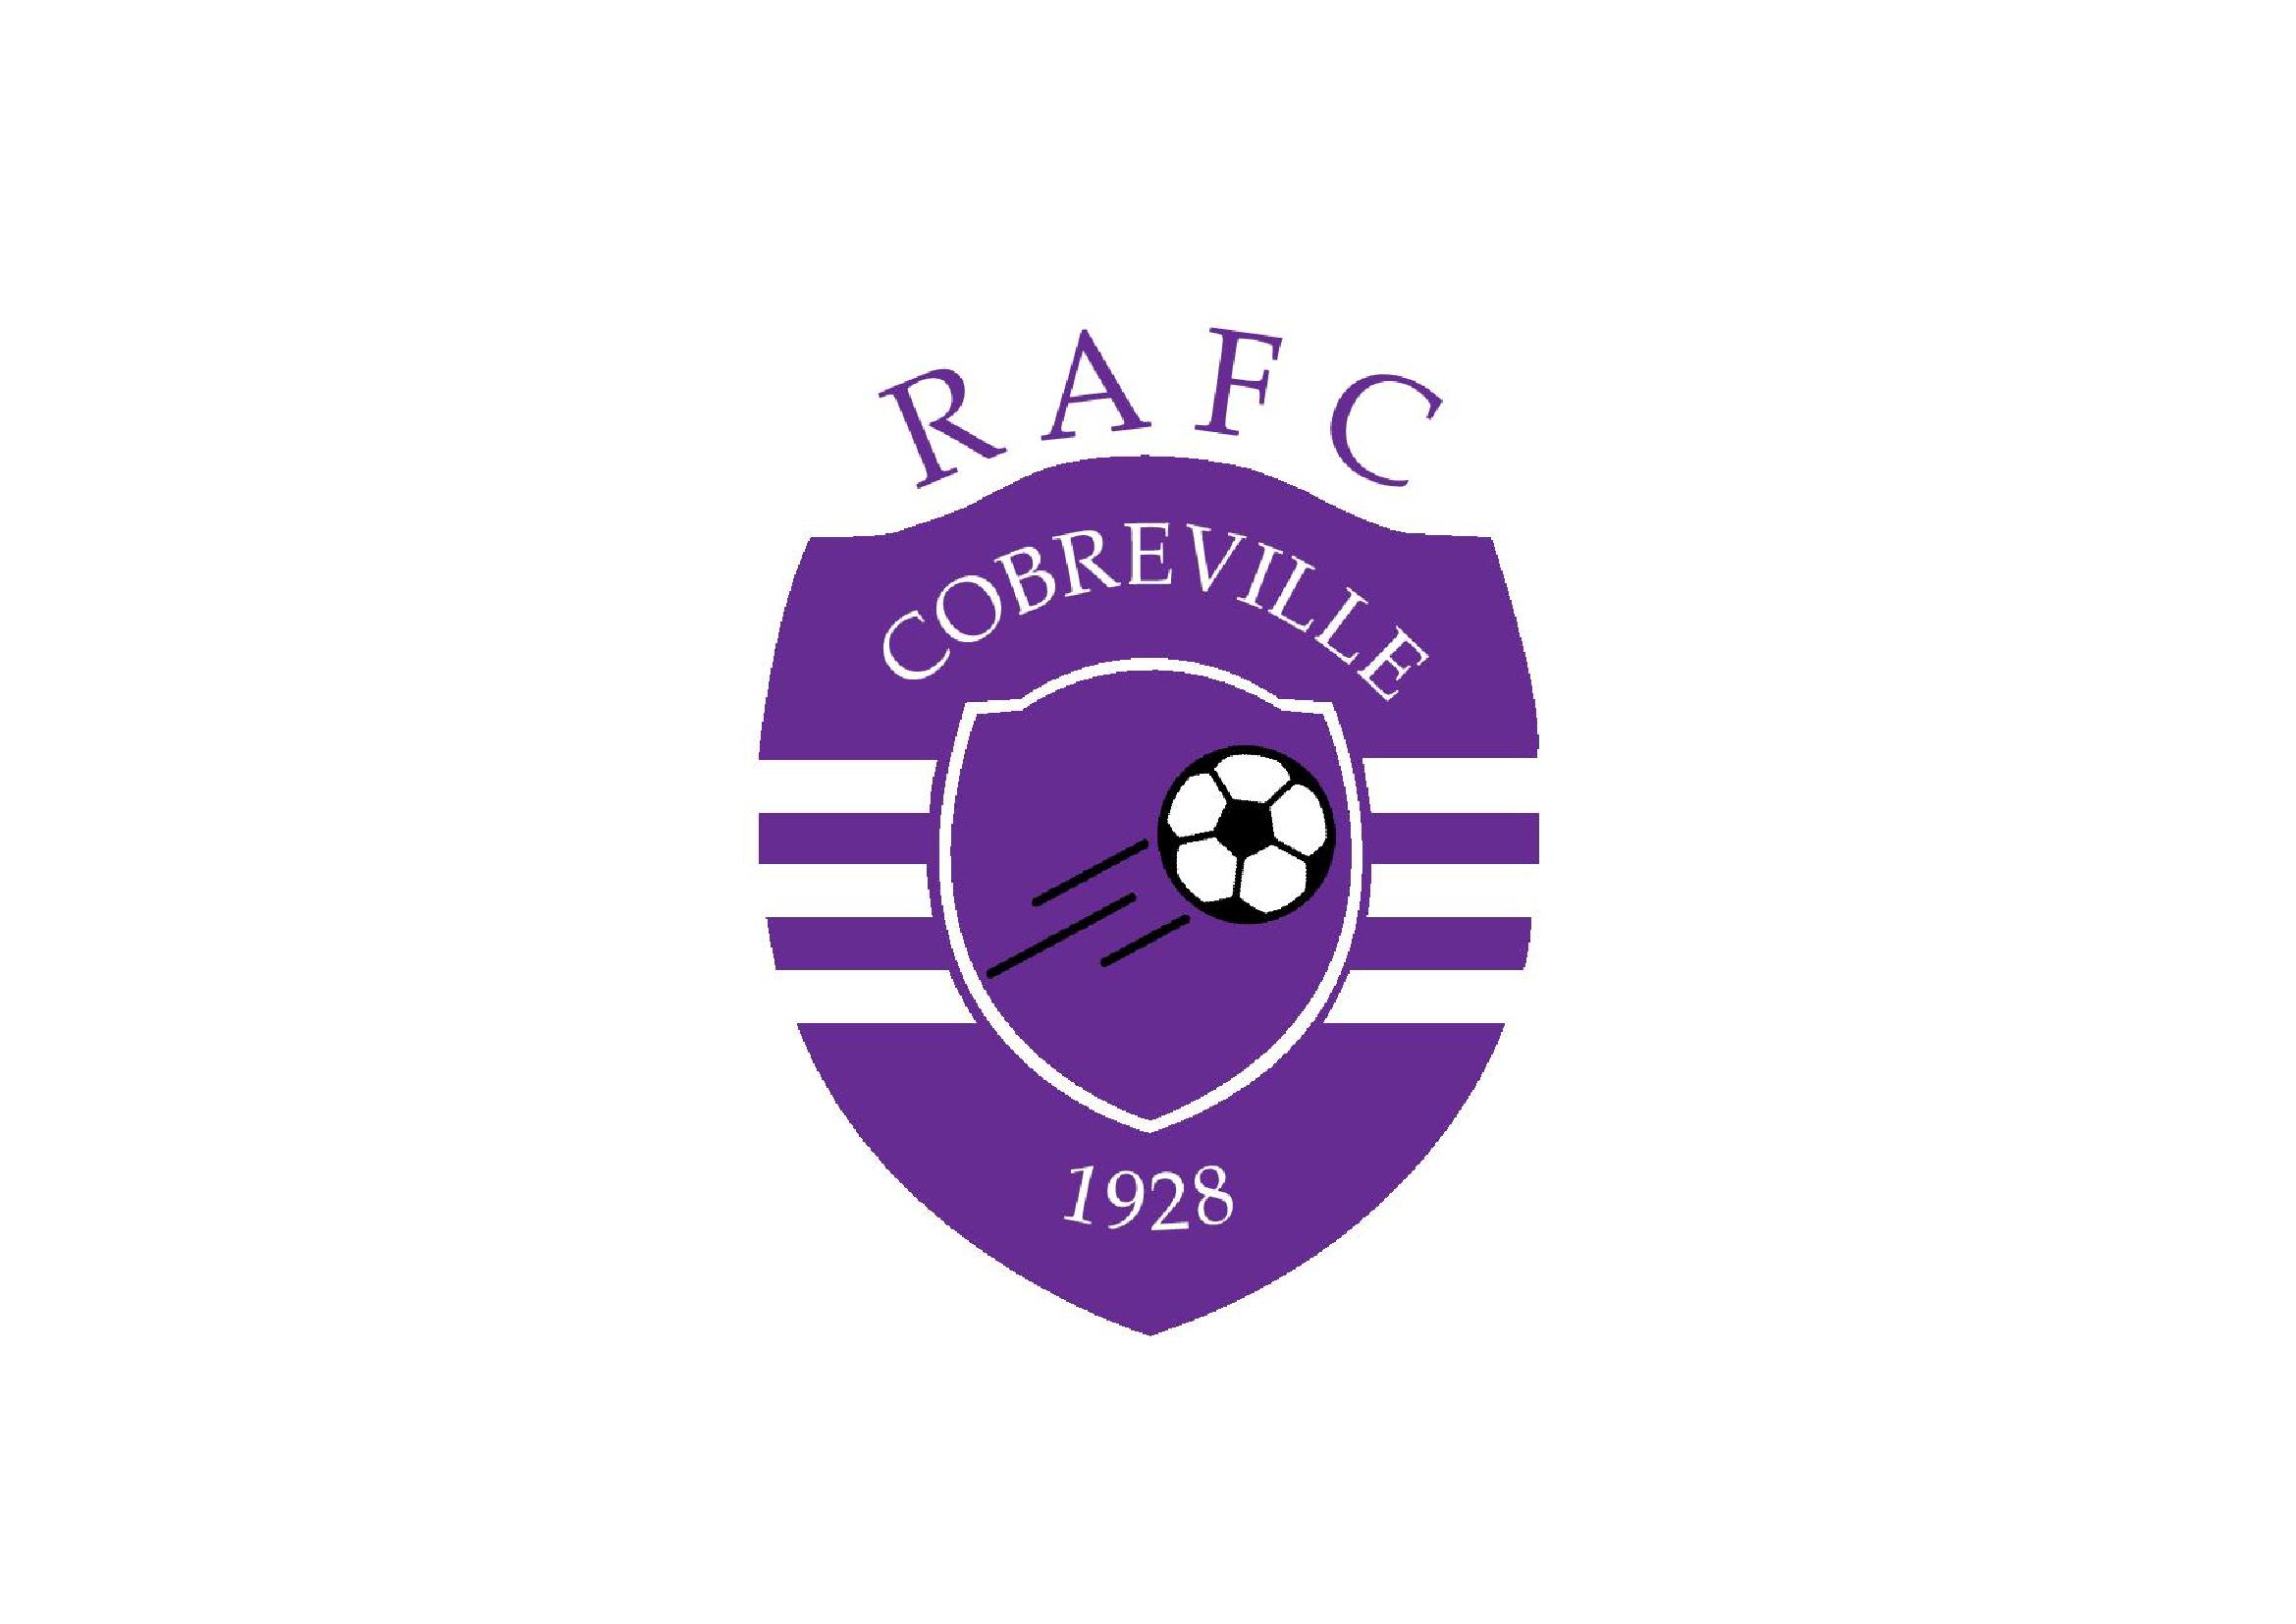 10 - Cobreville